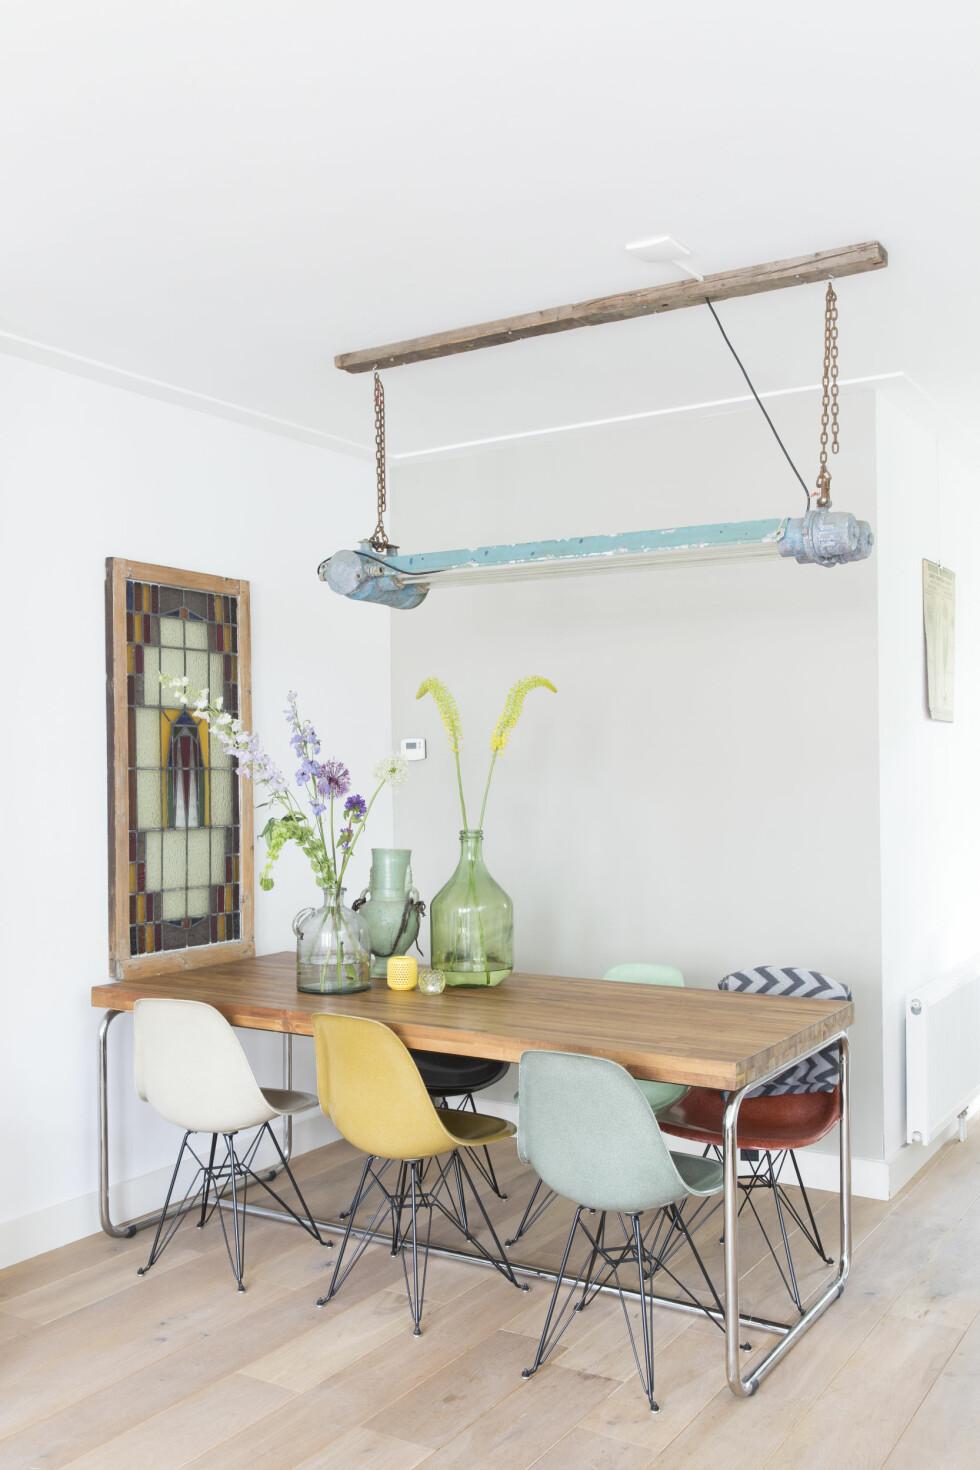 TRENDY SPISESTUE: Glassmaleriet på veggen reddet Rick fra en gammel kino for 19 år siden. Eames-stolene er vintage fra modernvintage.nl og bordet fra Loods5.nl.   Foto: Margriet Hoekstral